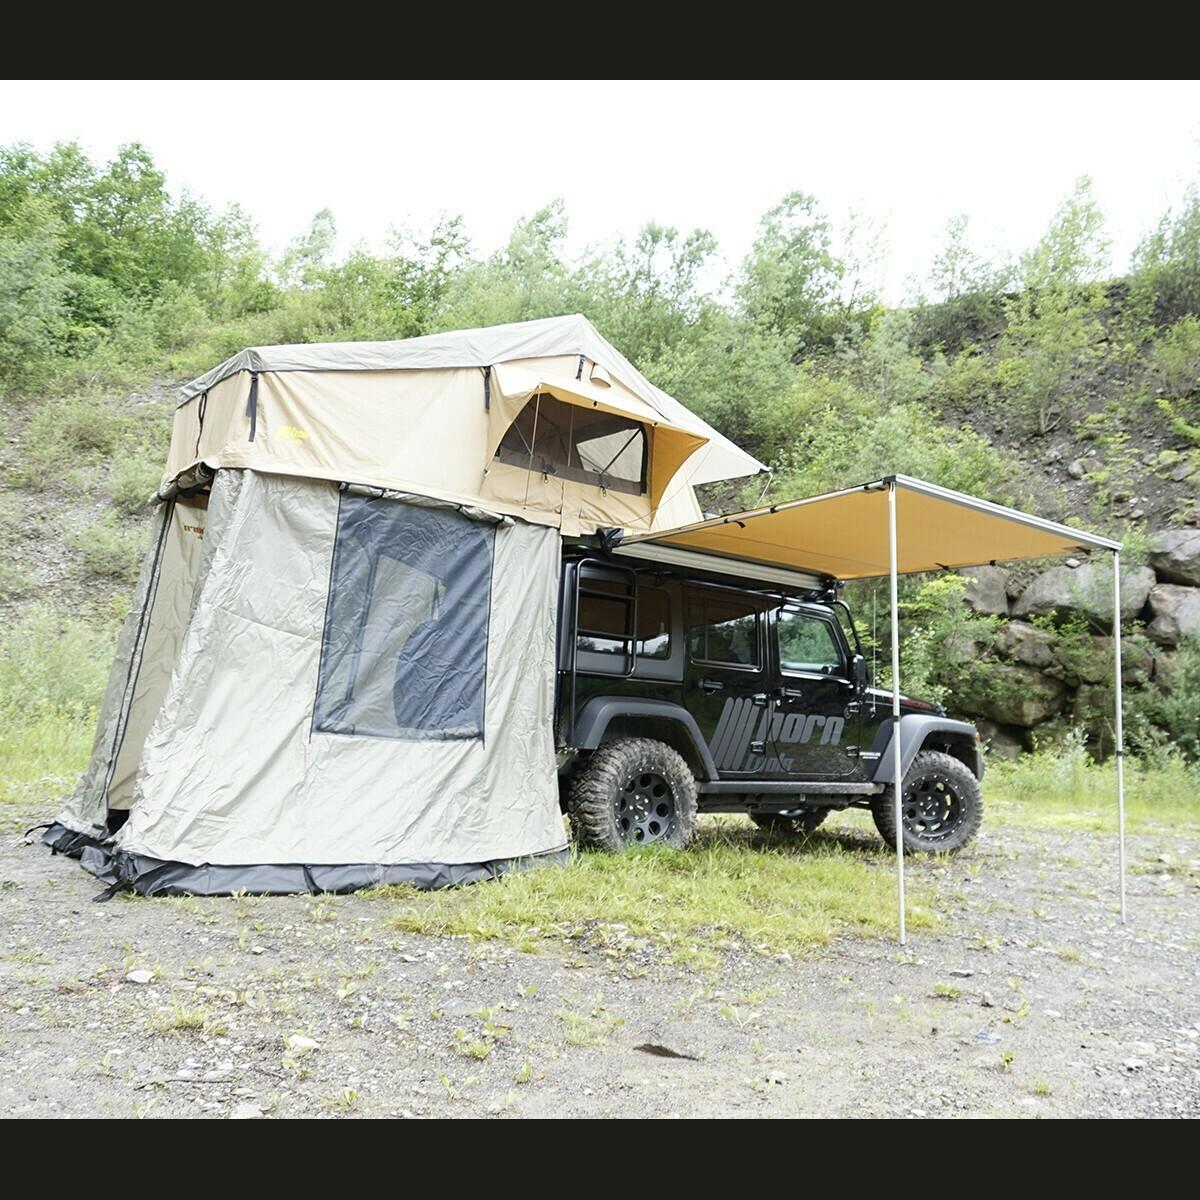 Dachzelt horntools Desert I 120cm sandfarben mit Vorzelt Offroad Reise Zelt atmungsaktiv & wüstentauglich